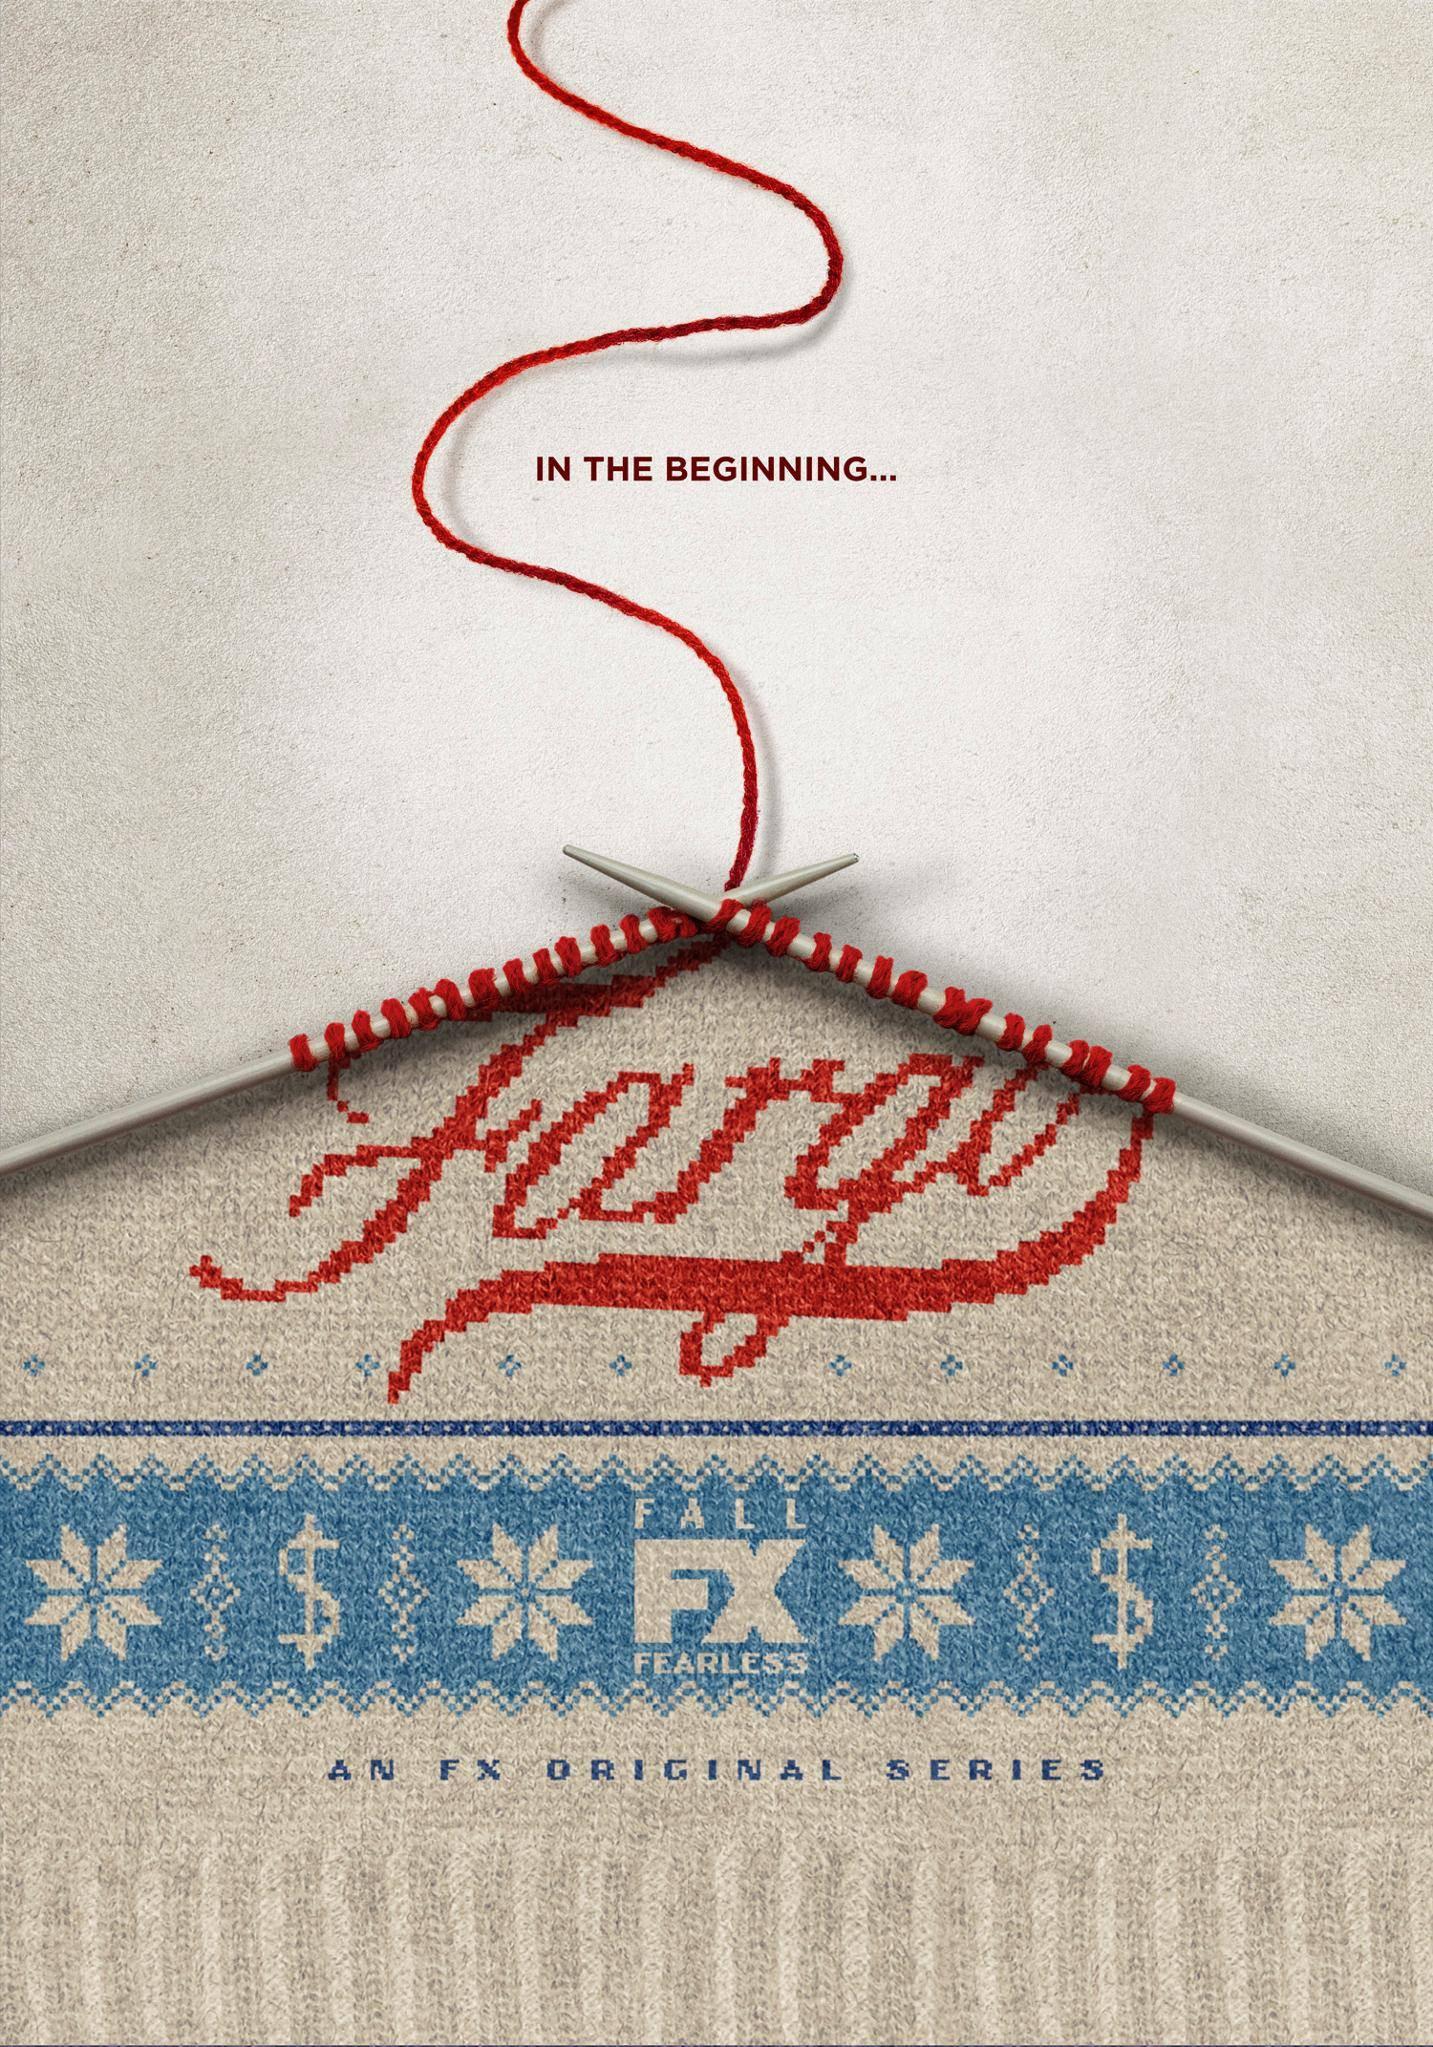 Que serie jamás verás por culpa del coñazo que dieron los lovers con ella - Página 3 Fargo_Season_2_poster